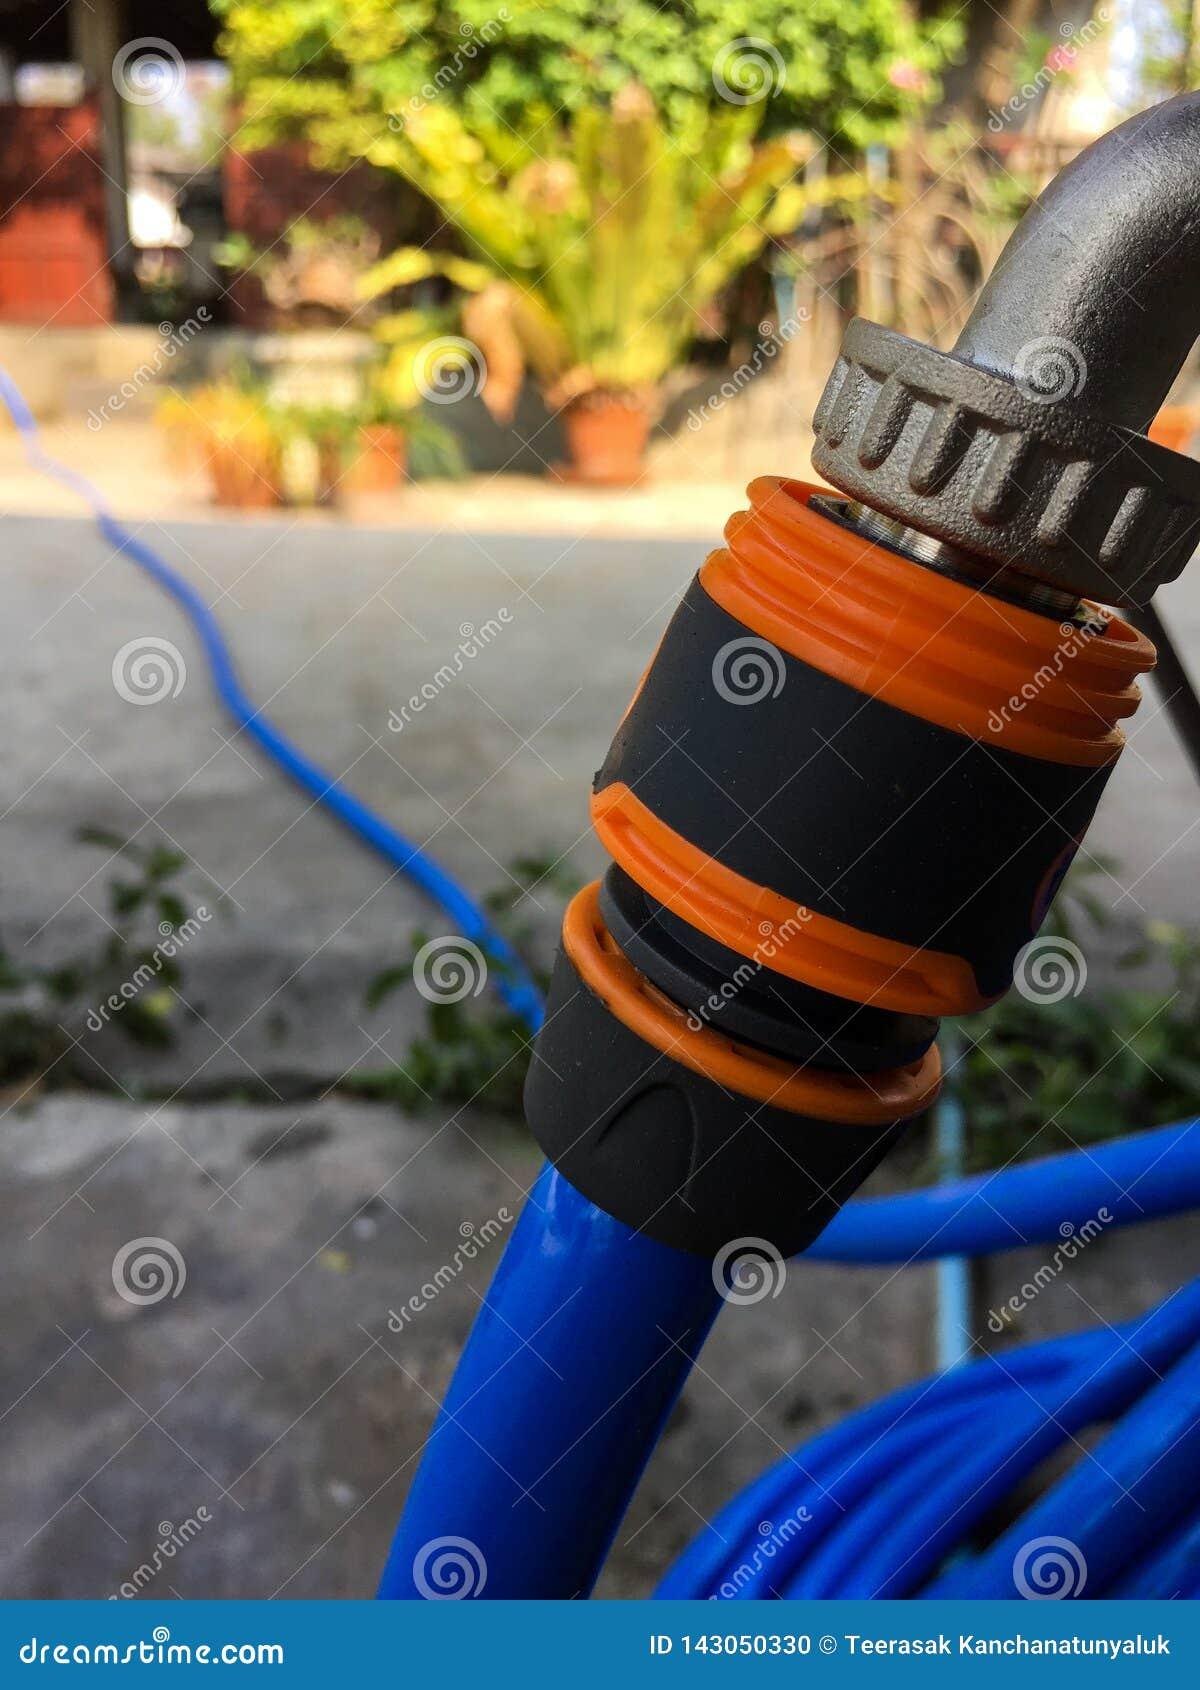 Blaue Gartenwasser-Schlauchdüse und orange Verbindungsstück